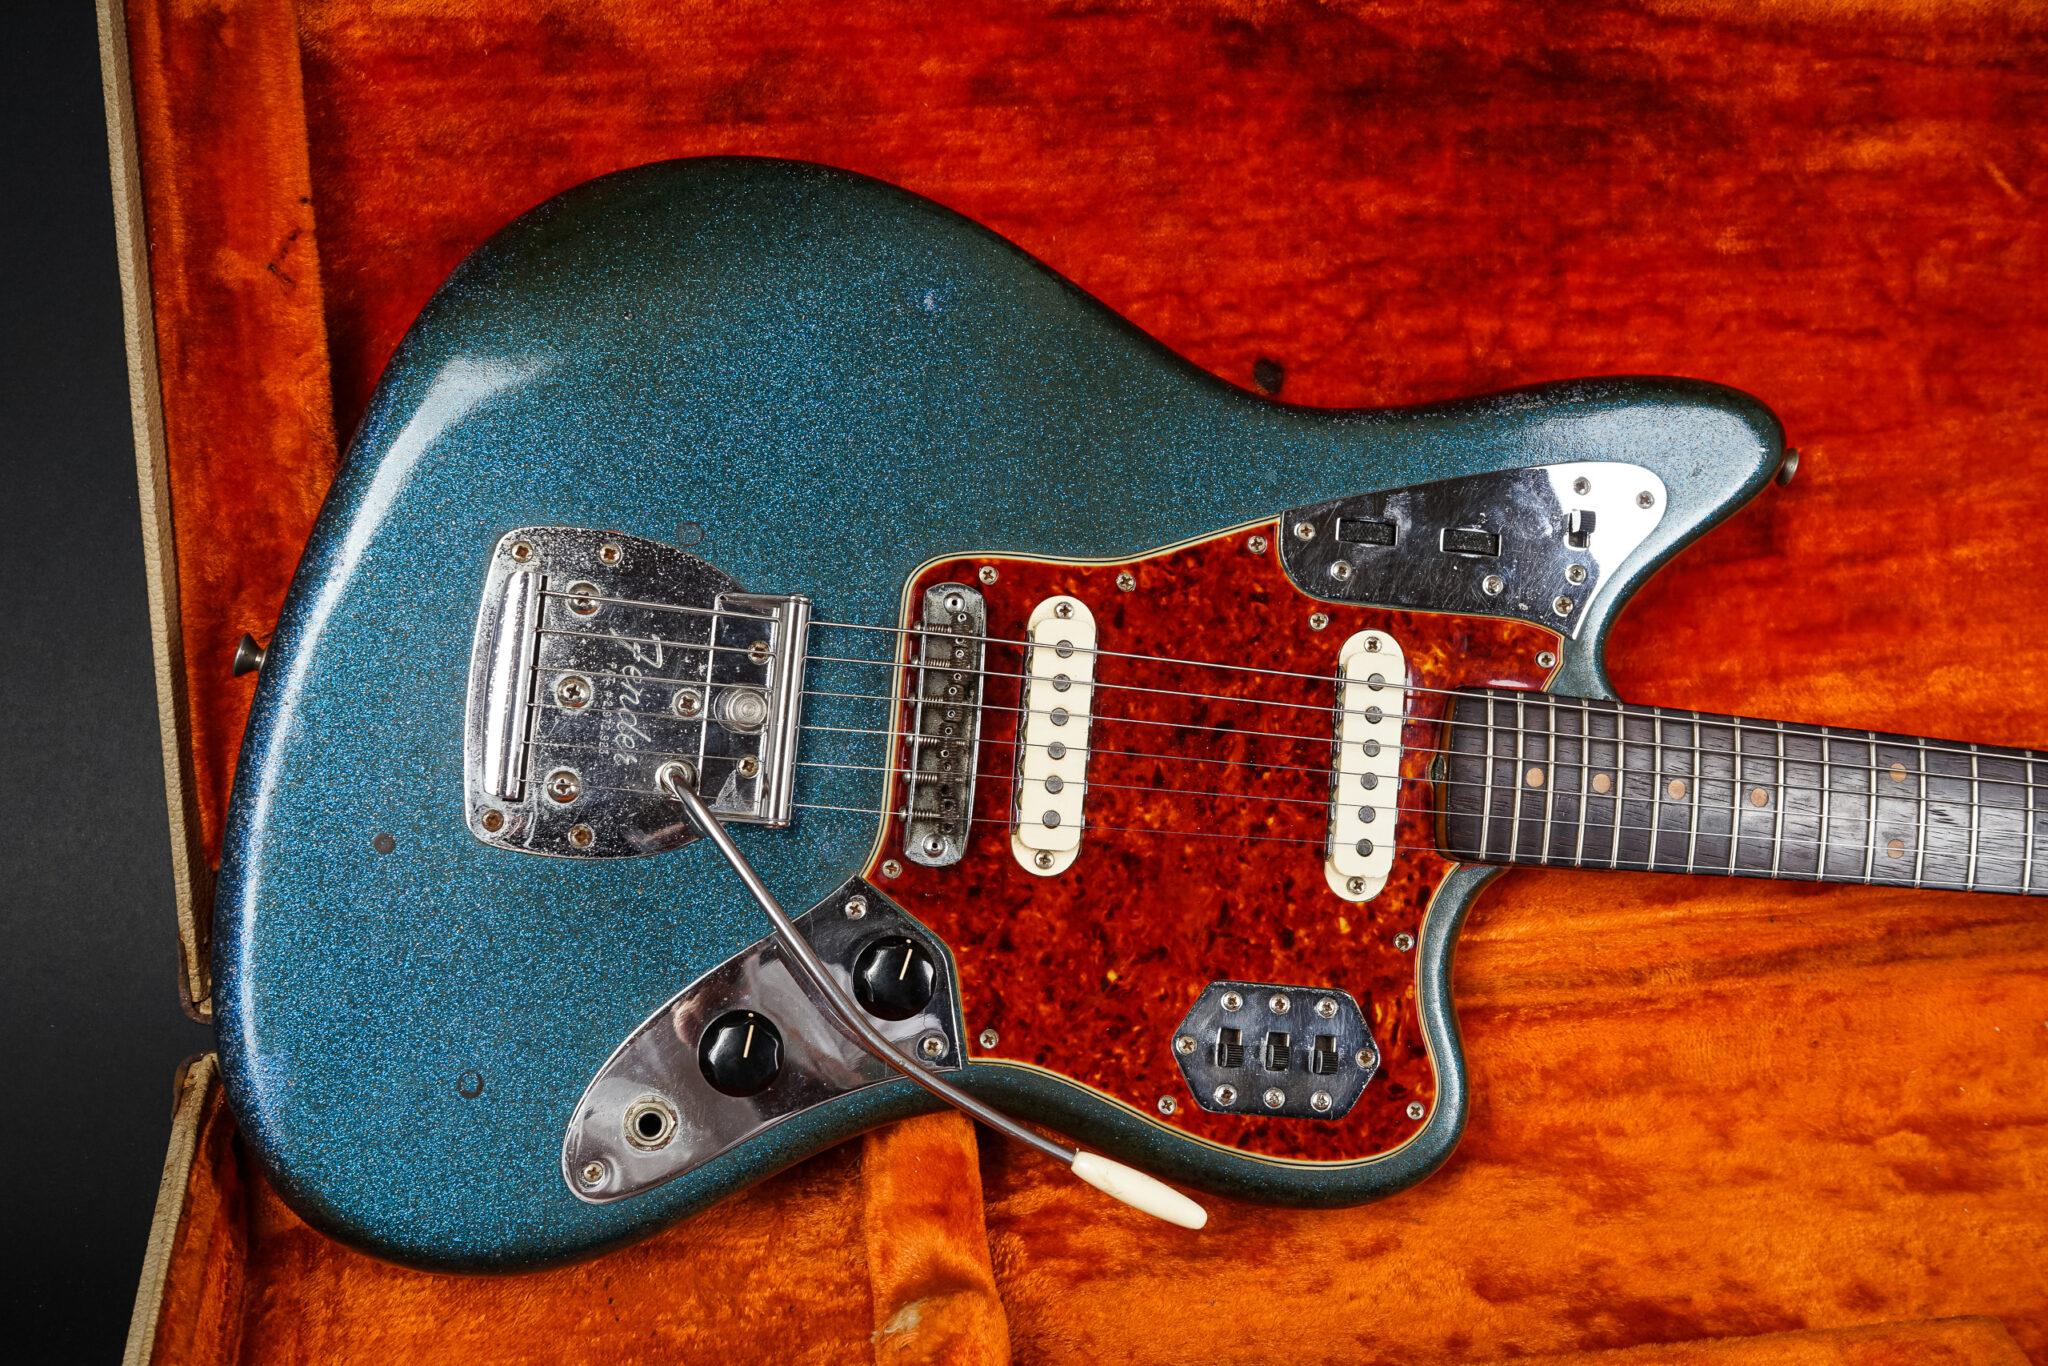 https://guitarpoint.de/app/uploads/products/1963-fender-jaguar-blue-sparkle-refin/1963-Fender-Jaguar-Refin-L111512-14-2048x1366.jpg